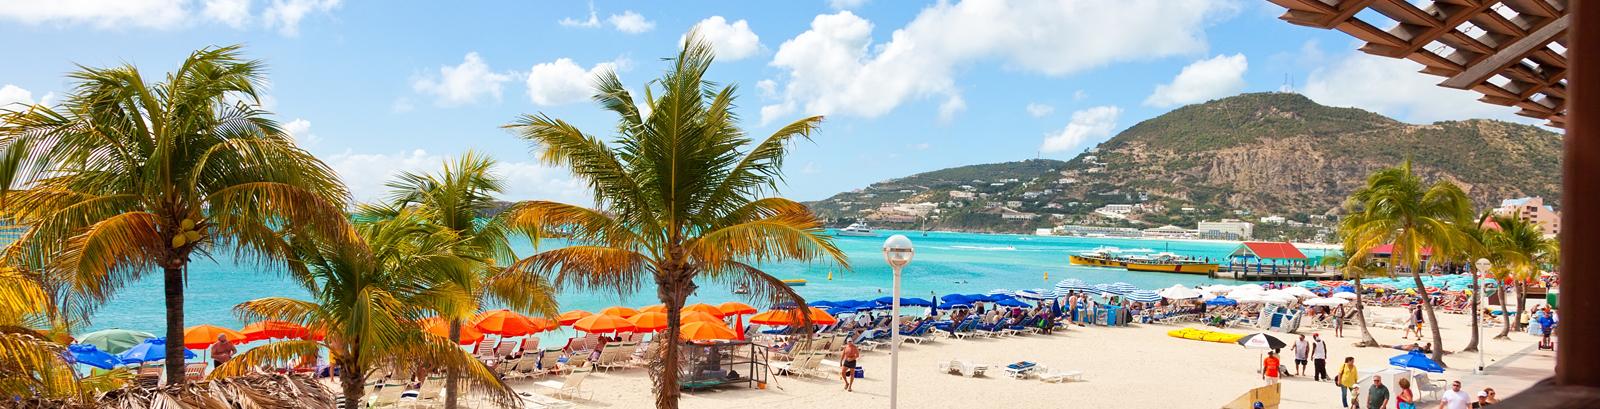 Explorer St. Maarten, Simpson Bay Resort & Marina